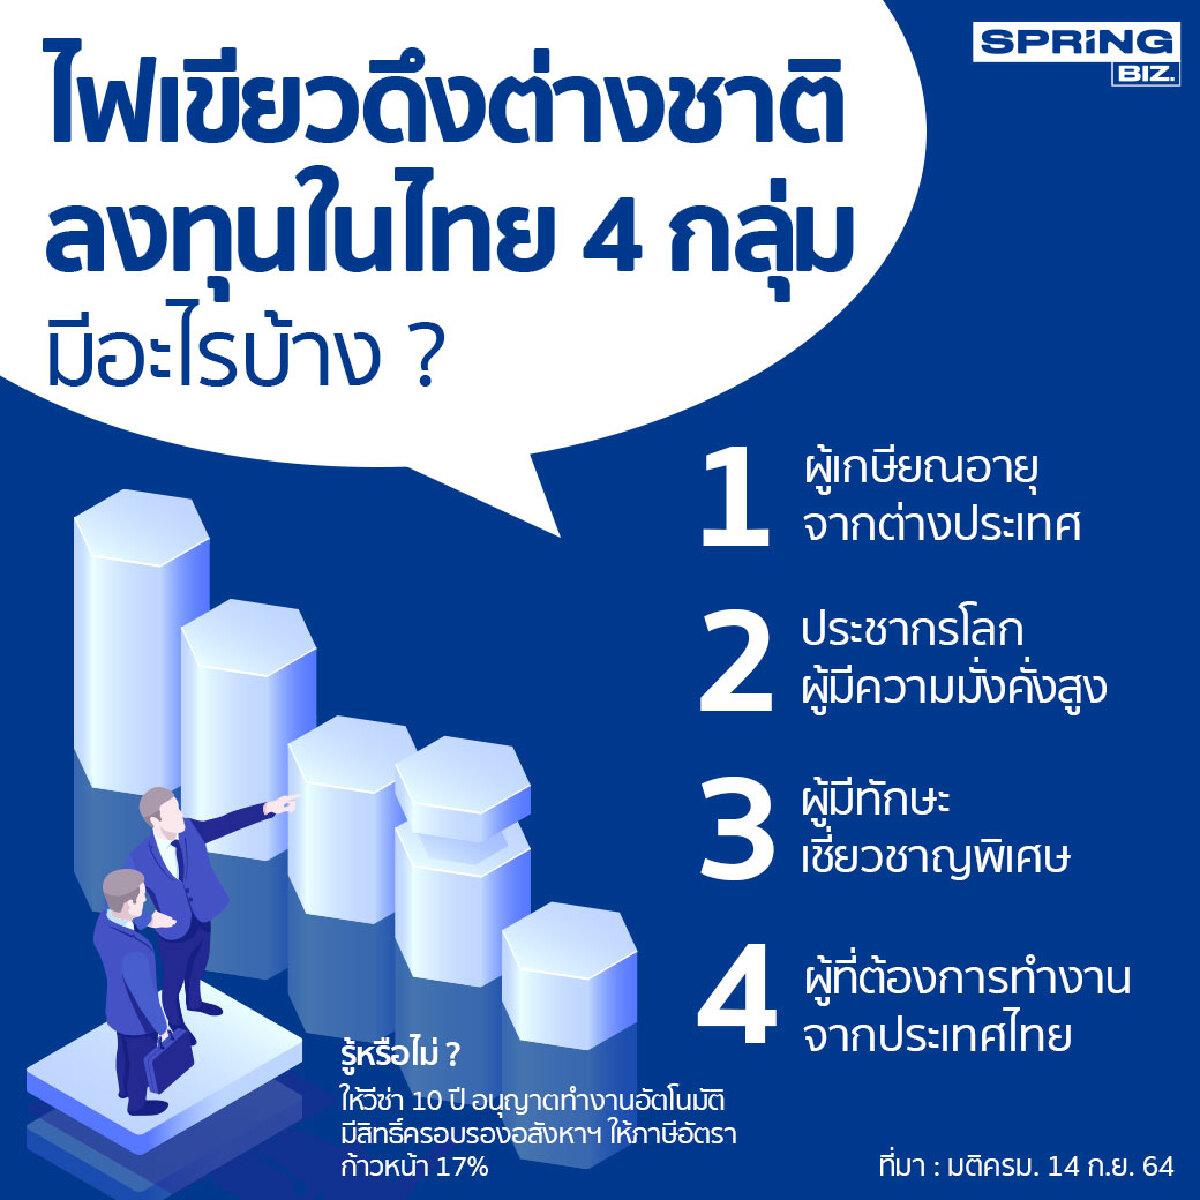 ครม.ไฟเขียวดึงต่างชาติลงทุนในไทย 4 กลุ่มปลุกเศรษฐกิจไทย มีอะไรบ้าง ?